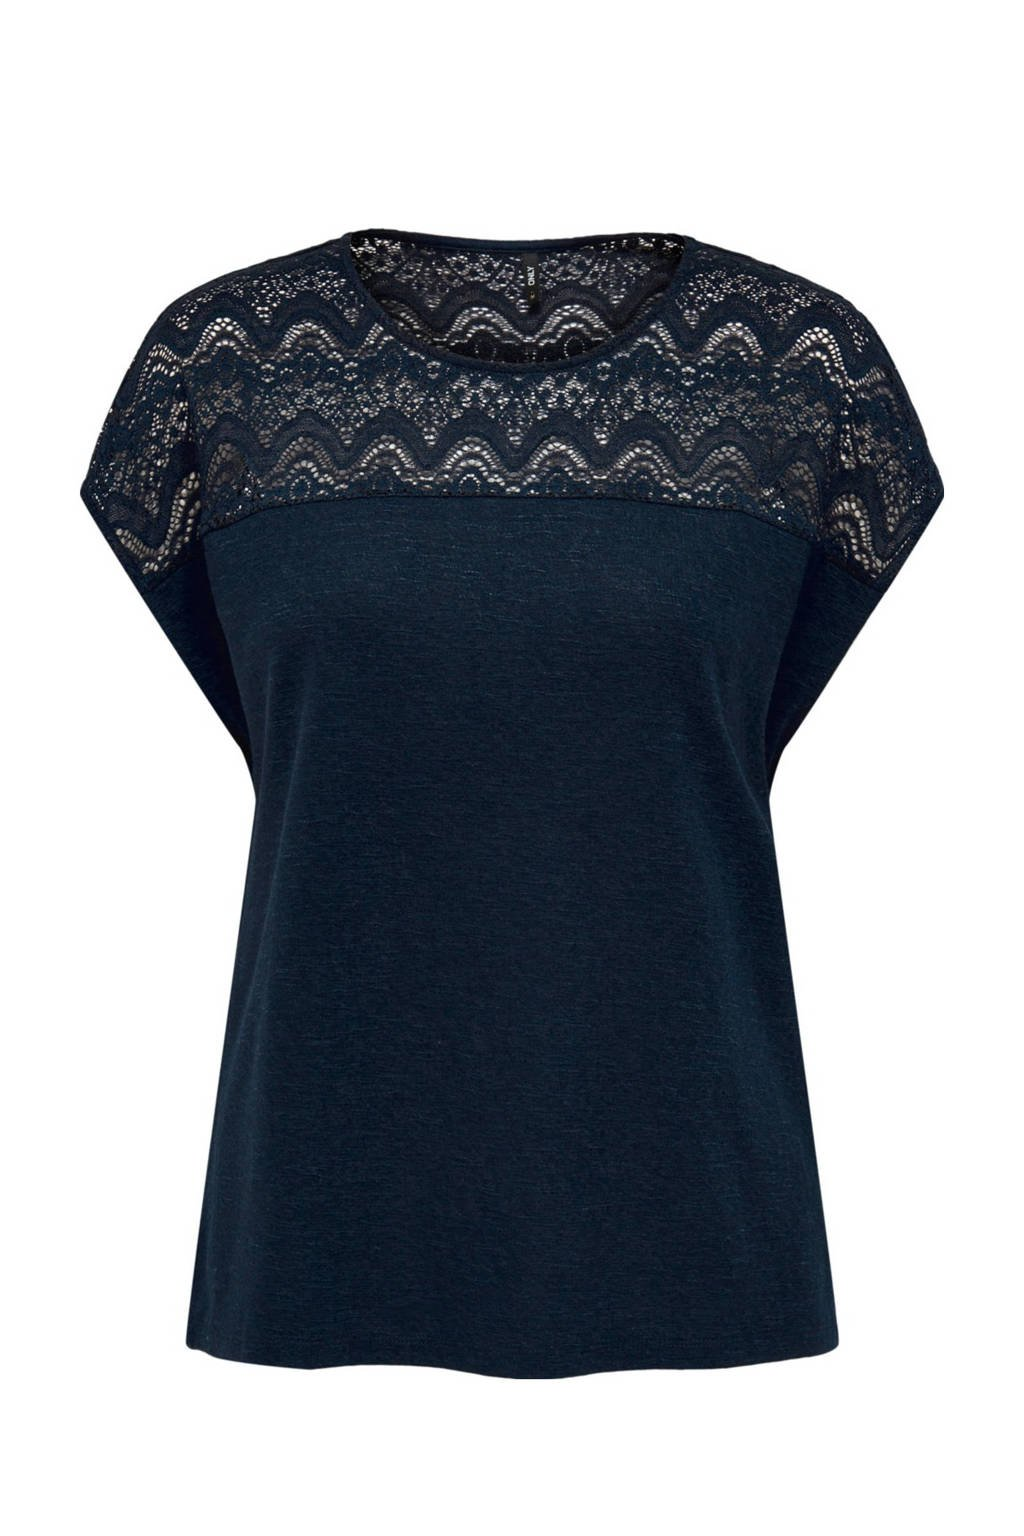 ONLY T-shirt ONLELVIRA donkerblauw, Donkerblauw